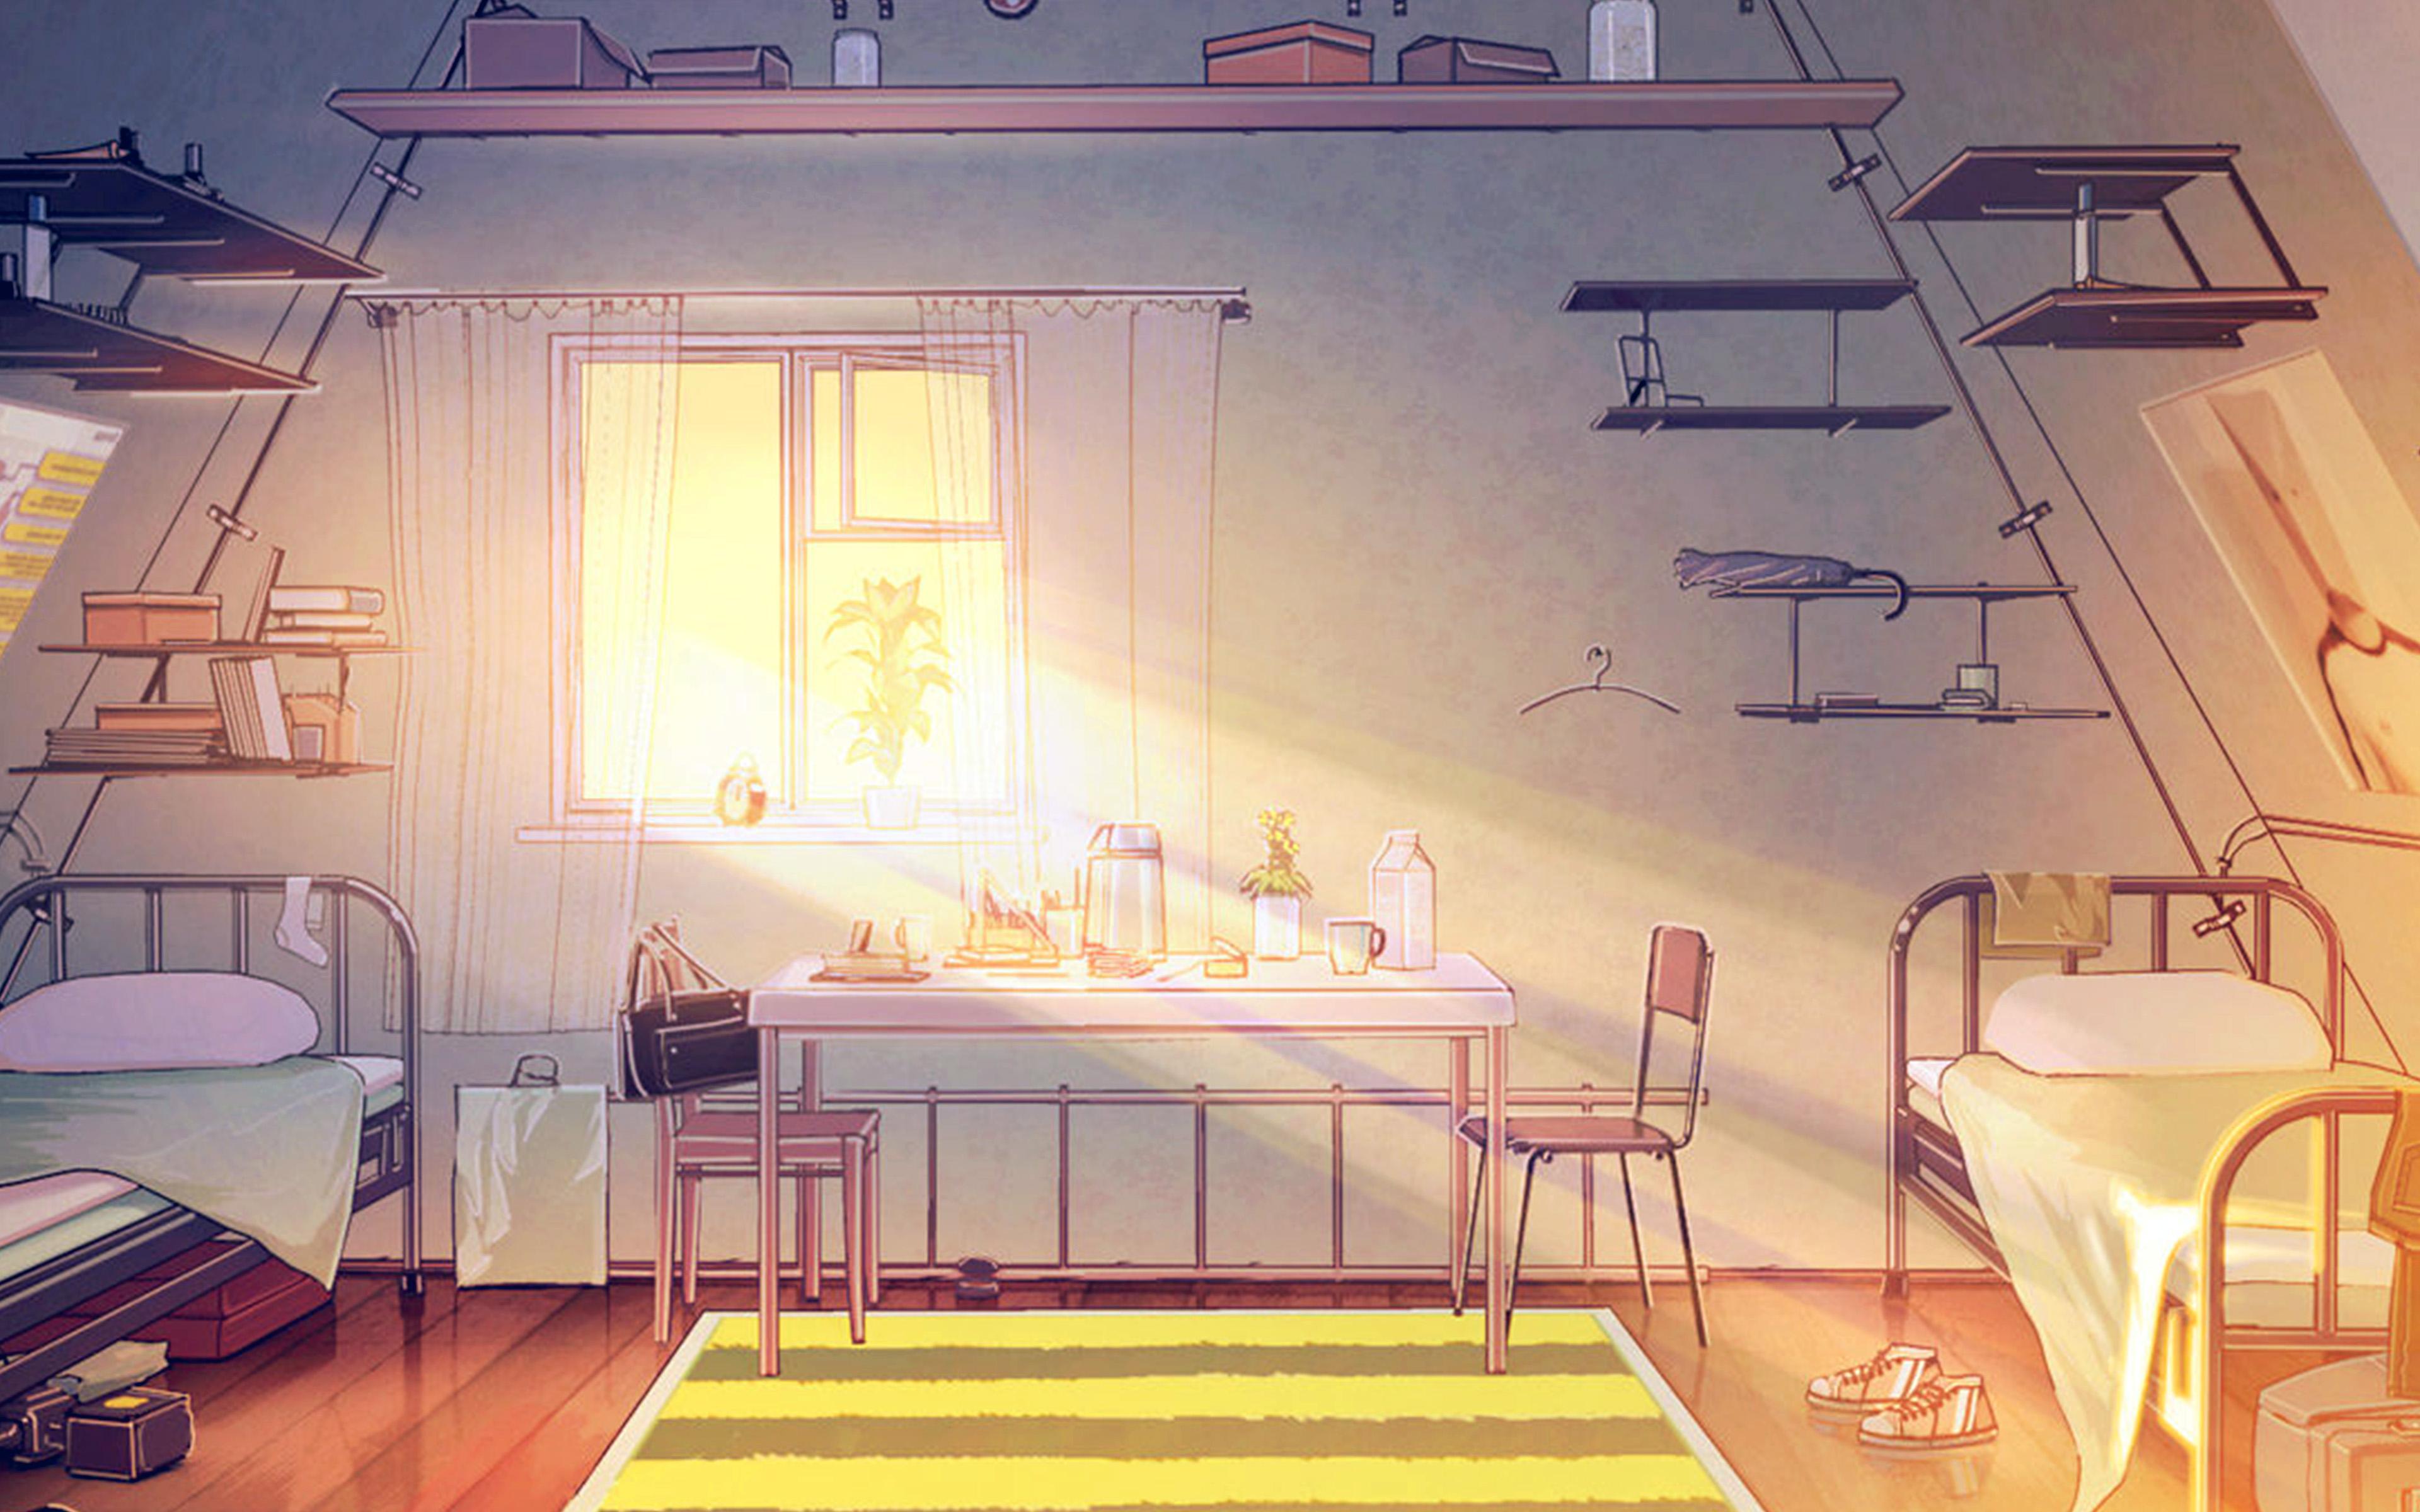 bd26-home-anime-arseniy-art-illustration-sunny-wallpaper